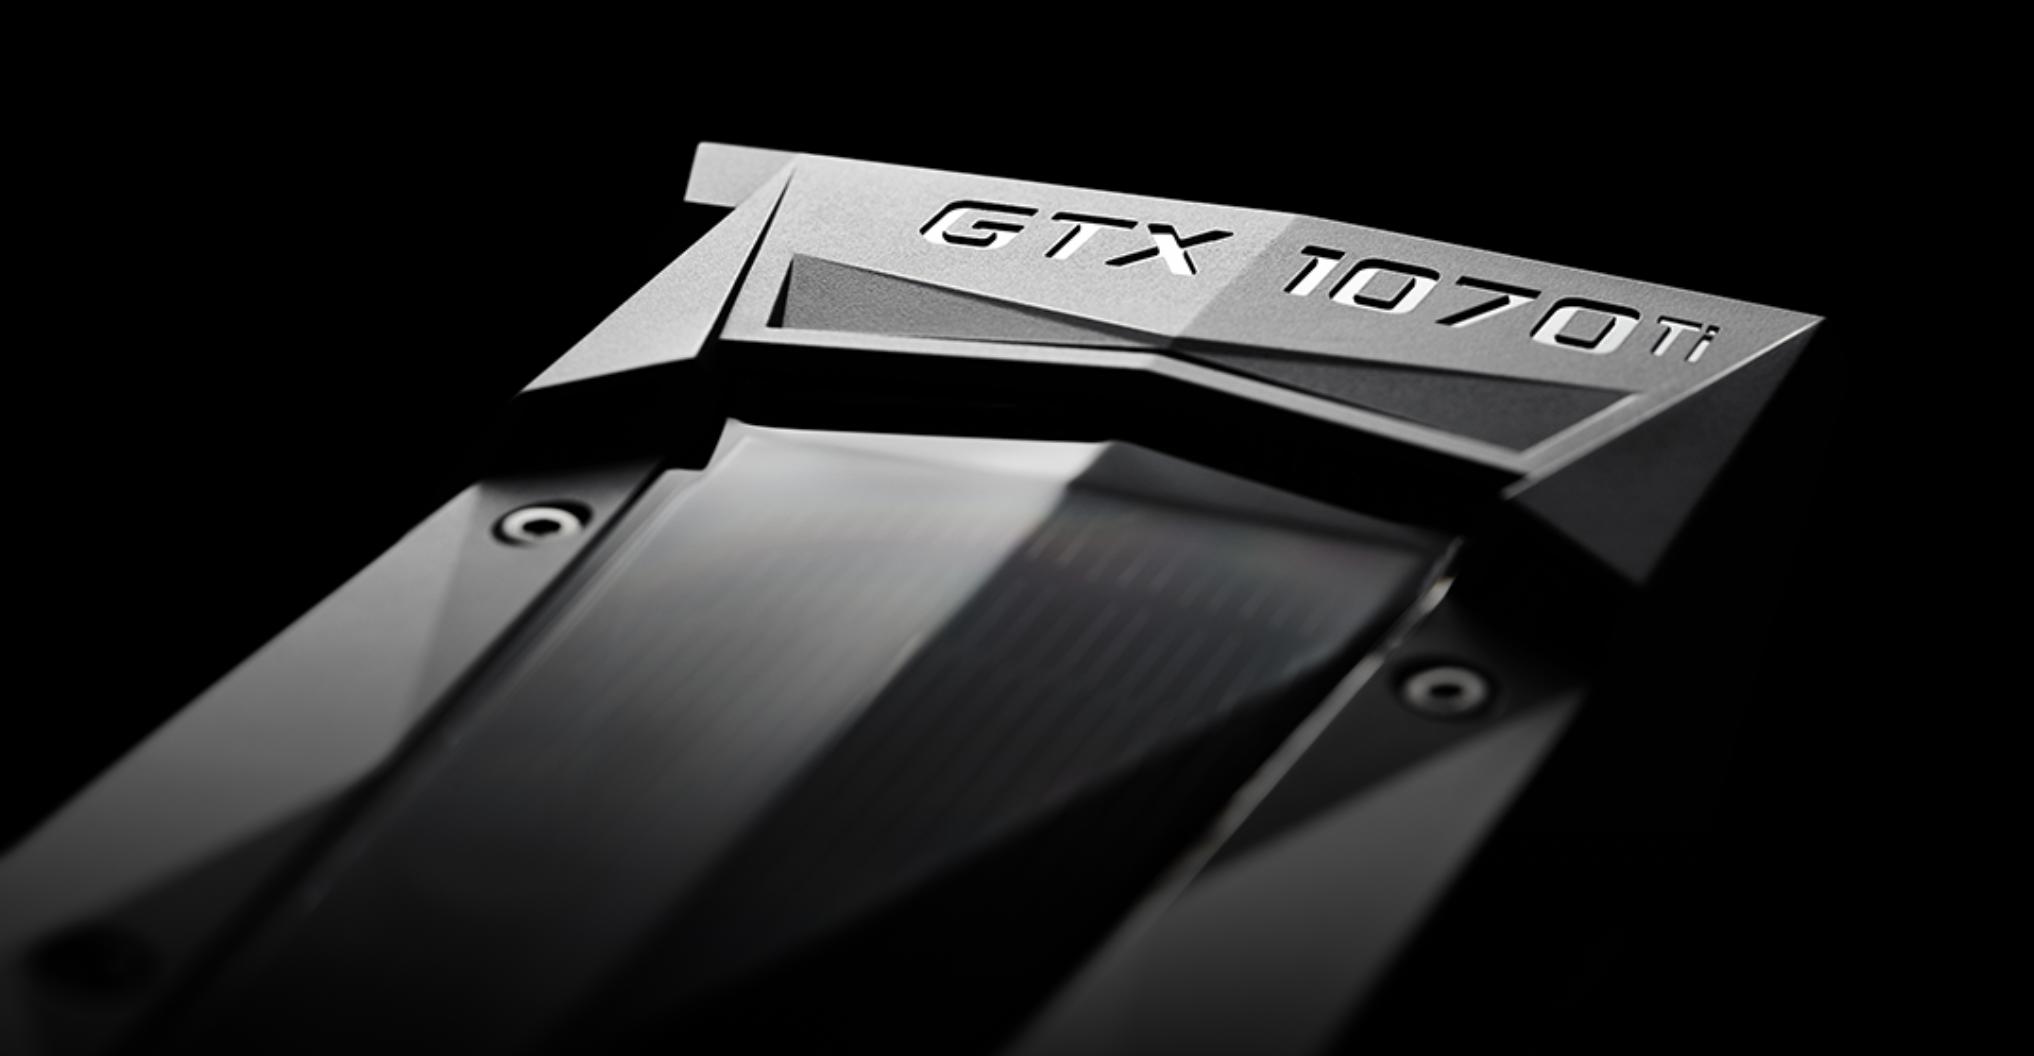 NVIDIA GeForce GTX 1070 Ti graphics card